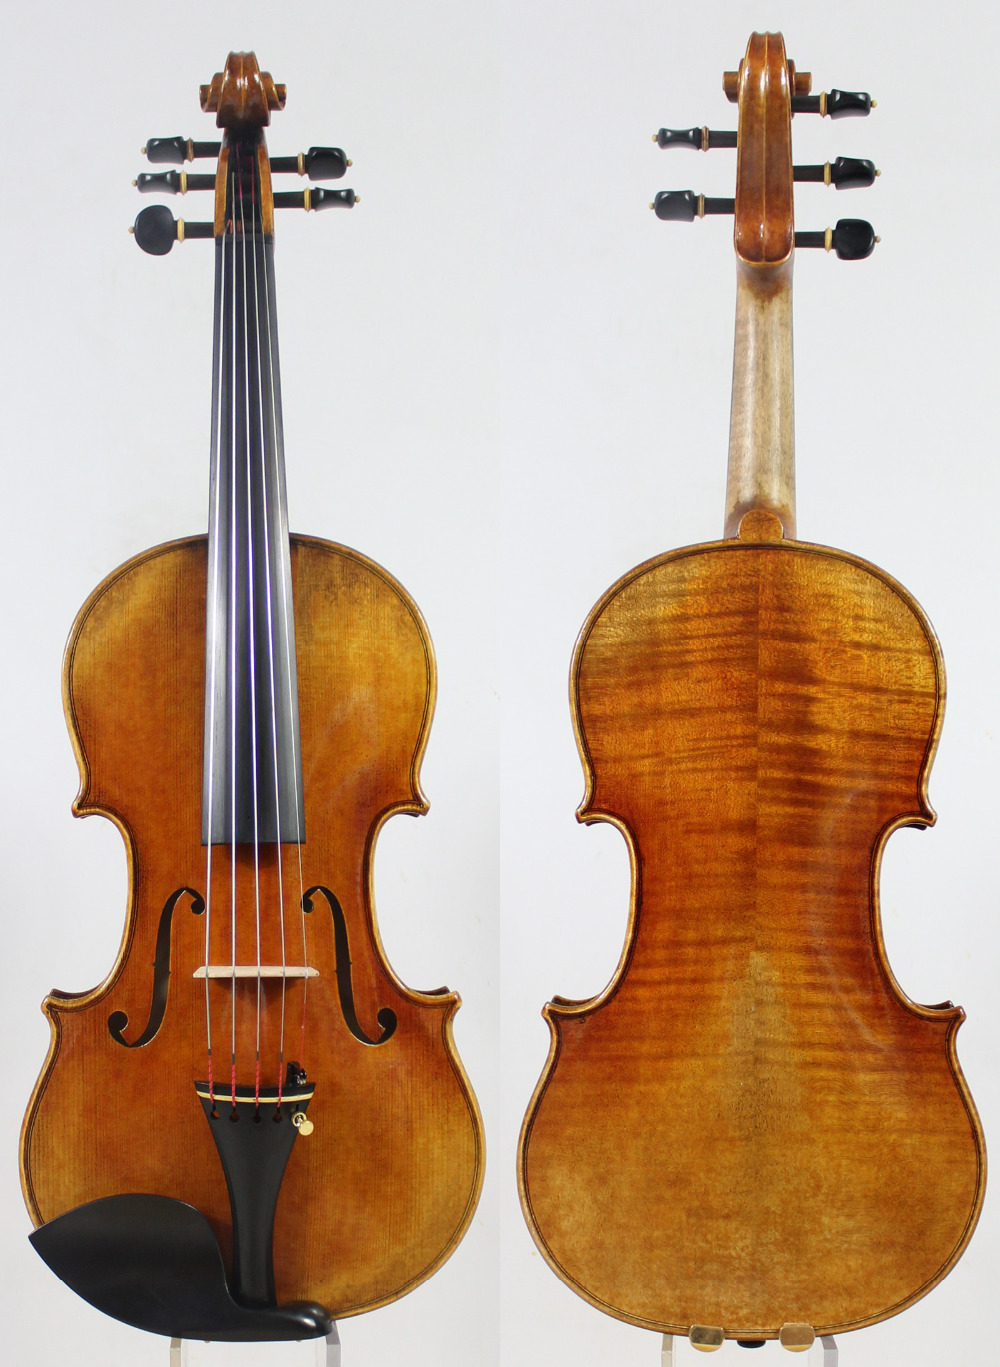 5 cordes Violon violino! Copie Stradivari 1715 Modèle! Antique huile vamish. Maître Ton! Cas Arc Colophane! Livraison Gratuite! Aubert Pont!